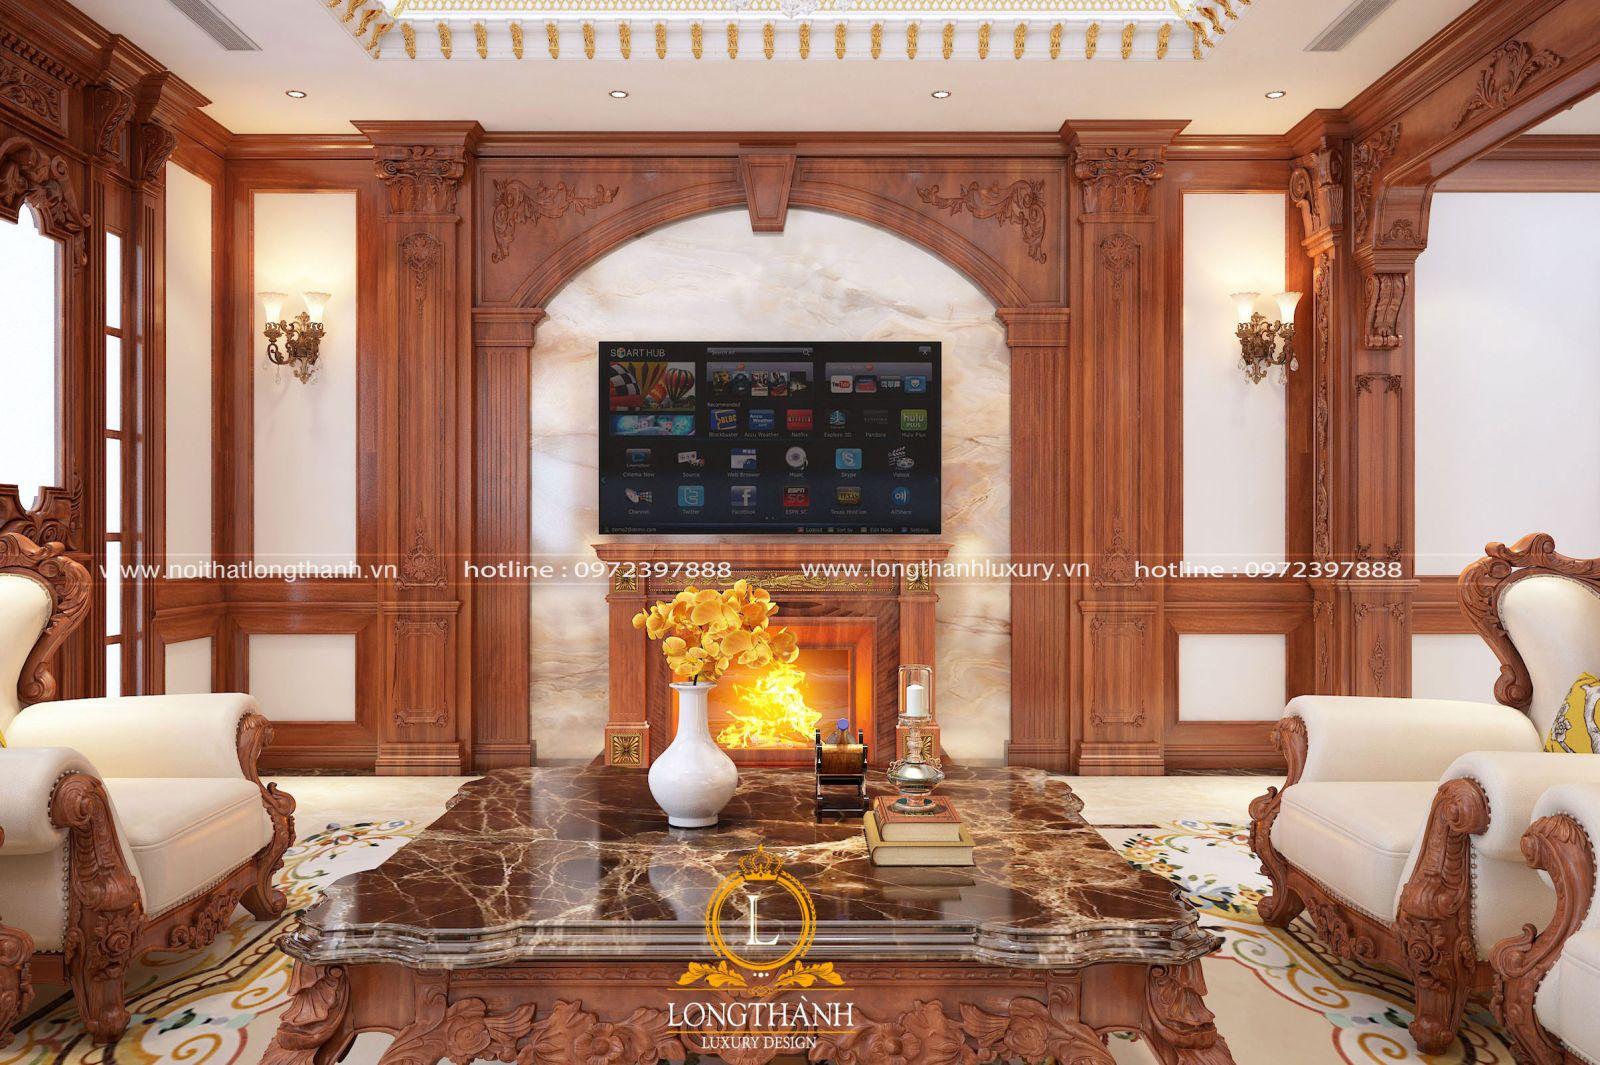 Sofa đẹp trong tổng thể không gian nội thất phòng khách gỗ tự nhiên